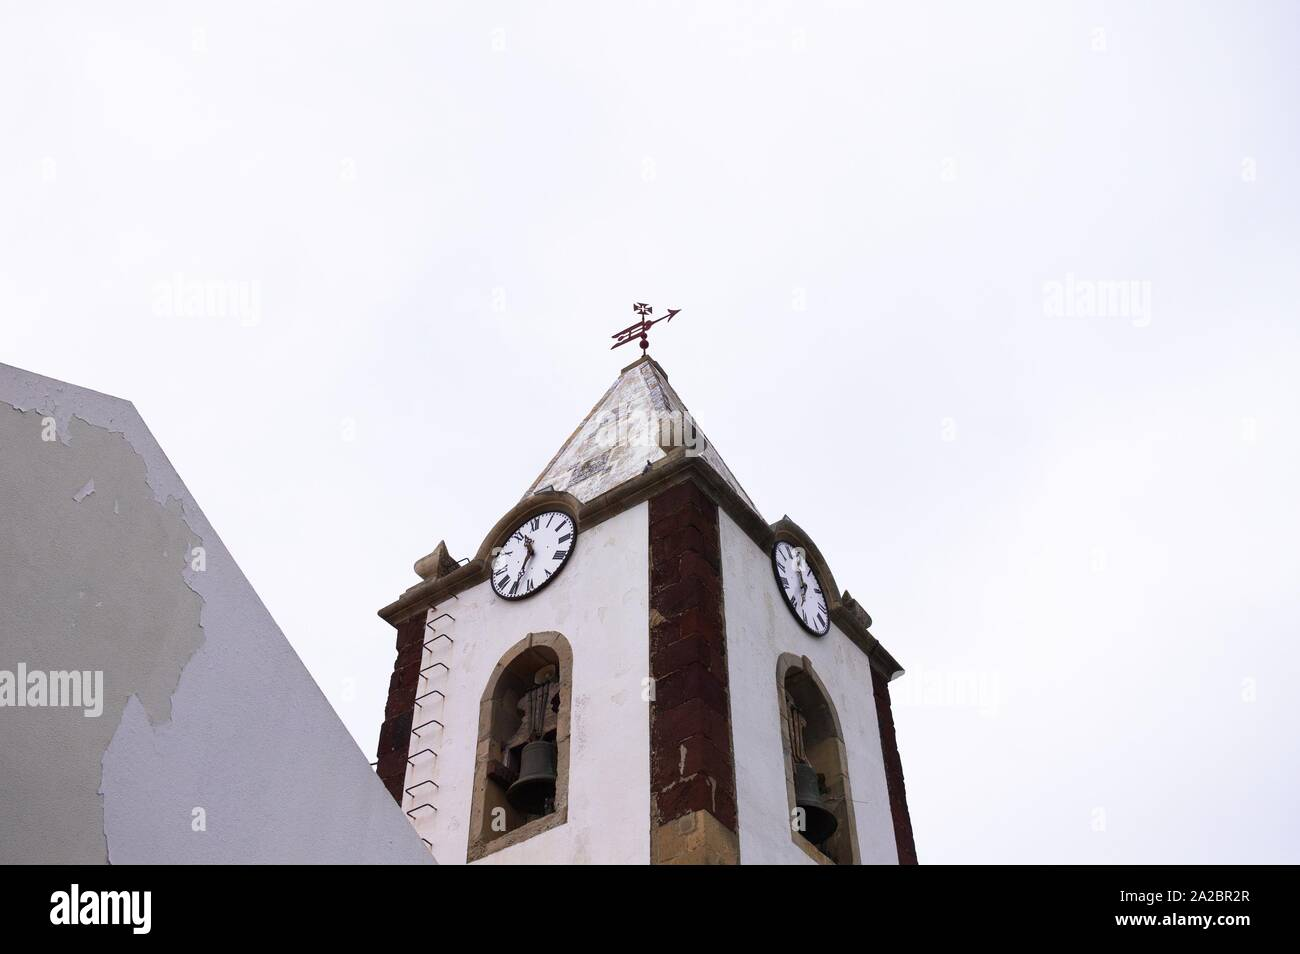 Reloj y campanario de un edificio religioso con un crucifijo en la parte superior (Madeira, Portugal) Foto de stock